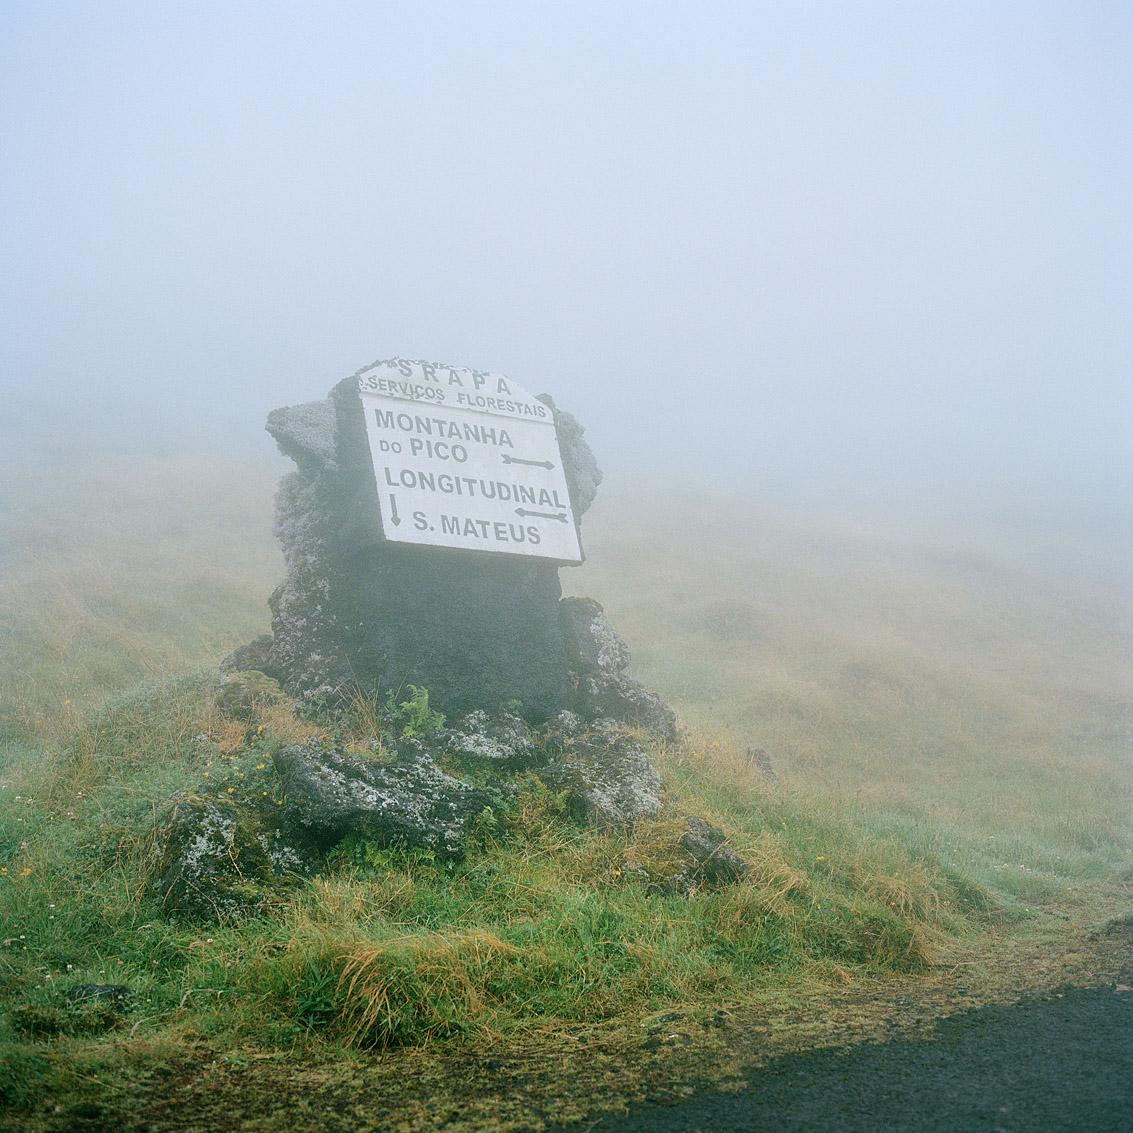 Sur la route du cratère du volcan Pico de l'archipel des Açores; Portugal.